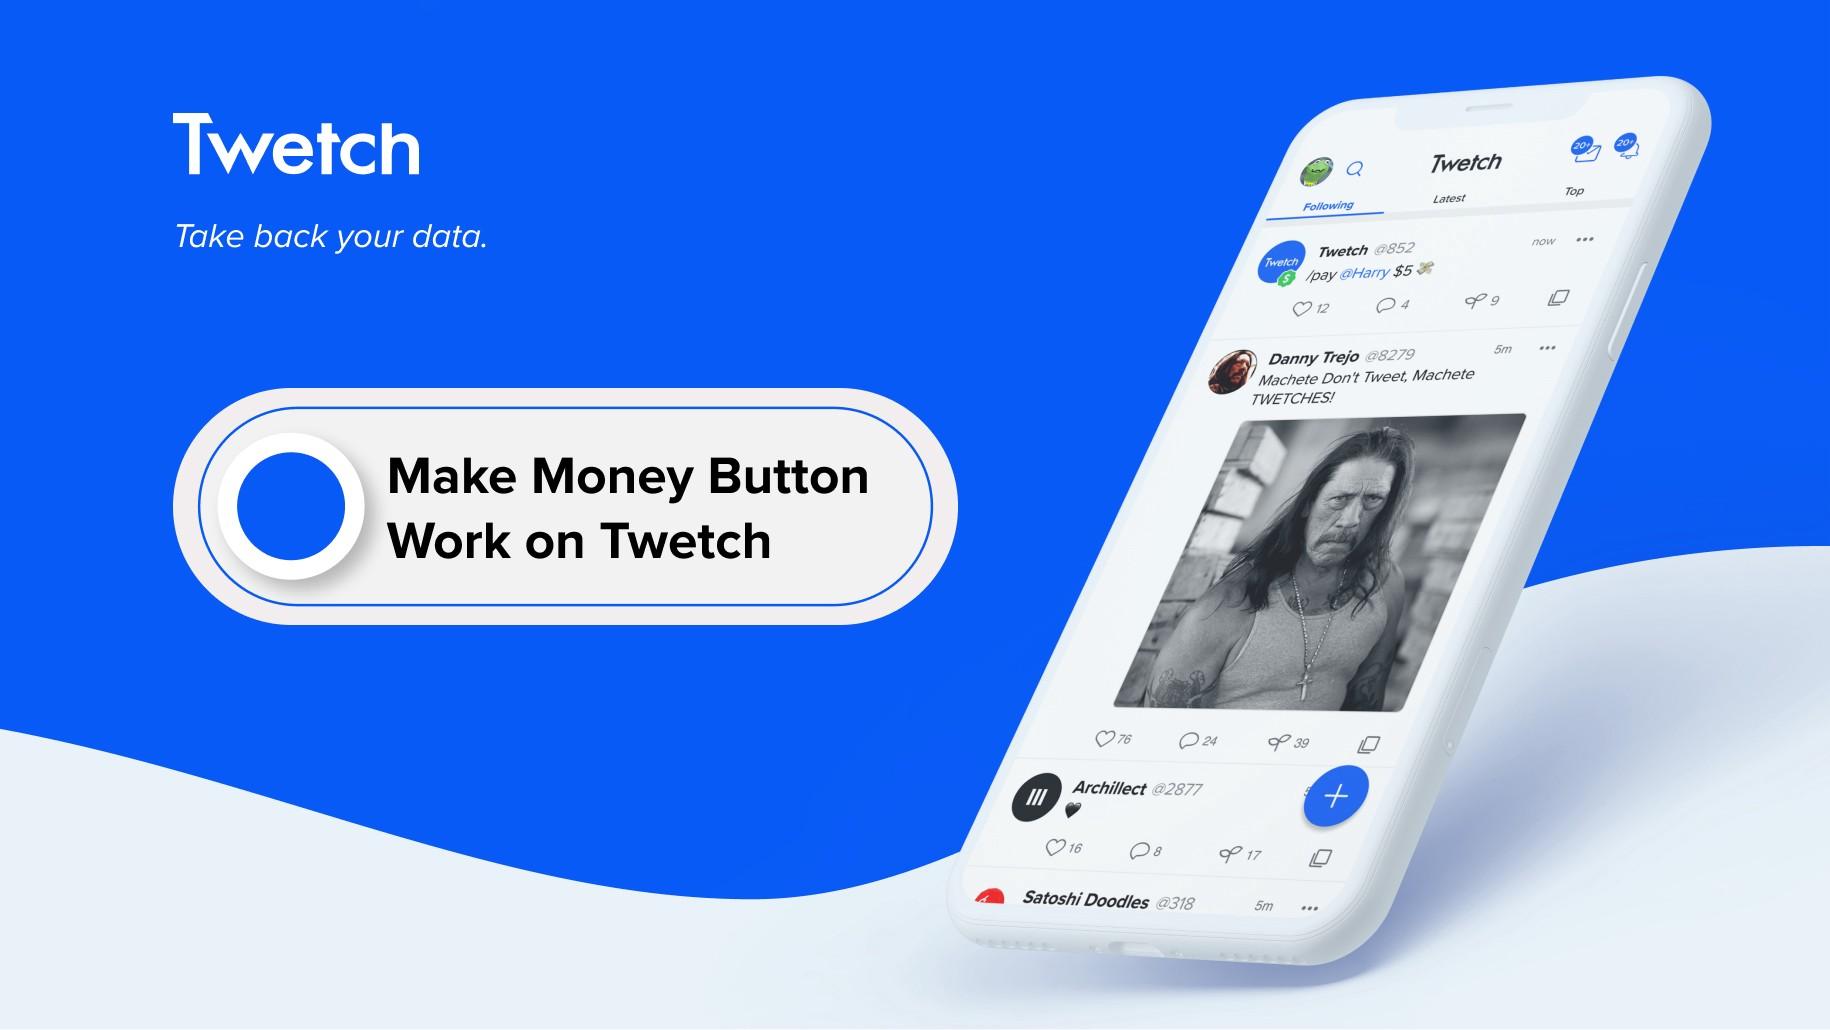 معرفی سرویس Twetch + طریقه استفاده از کیف پول Moneybutton